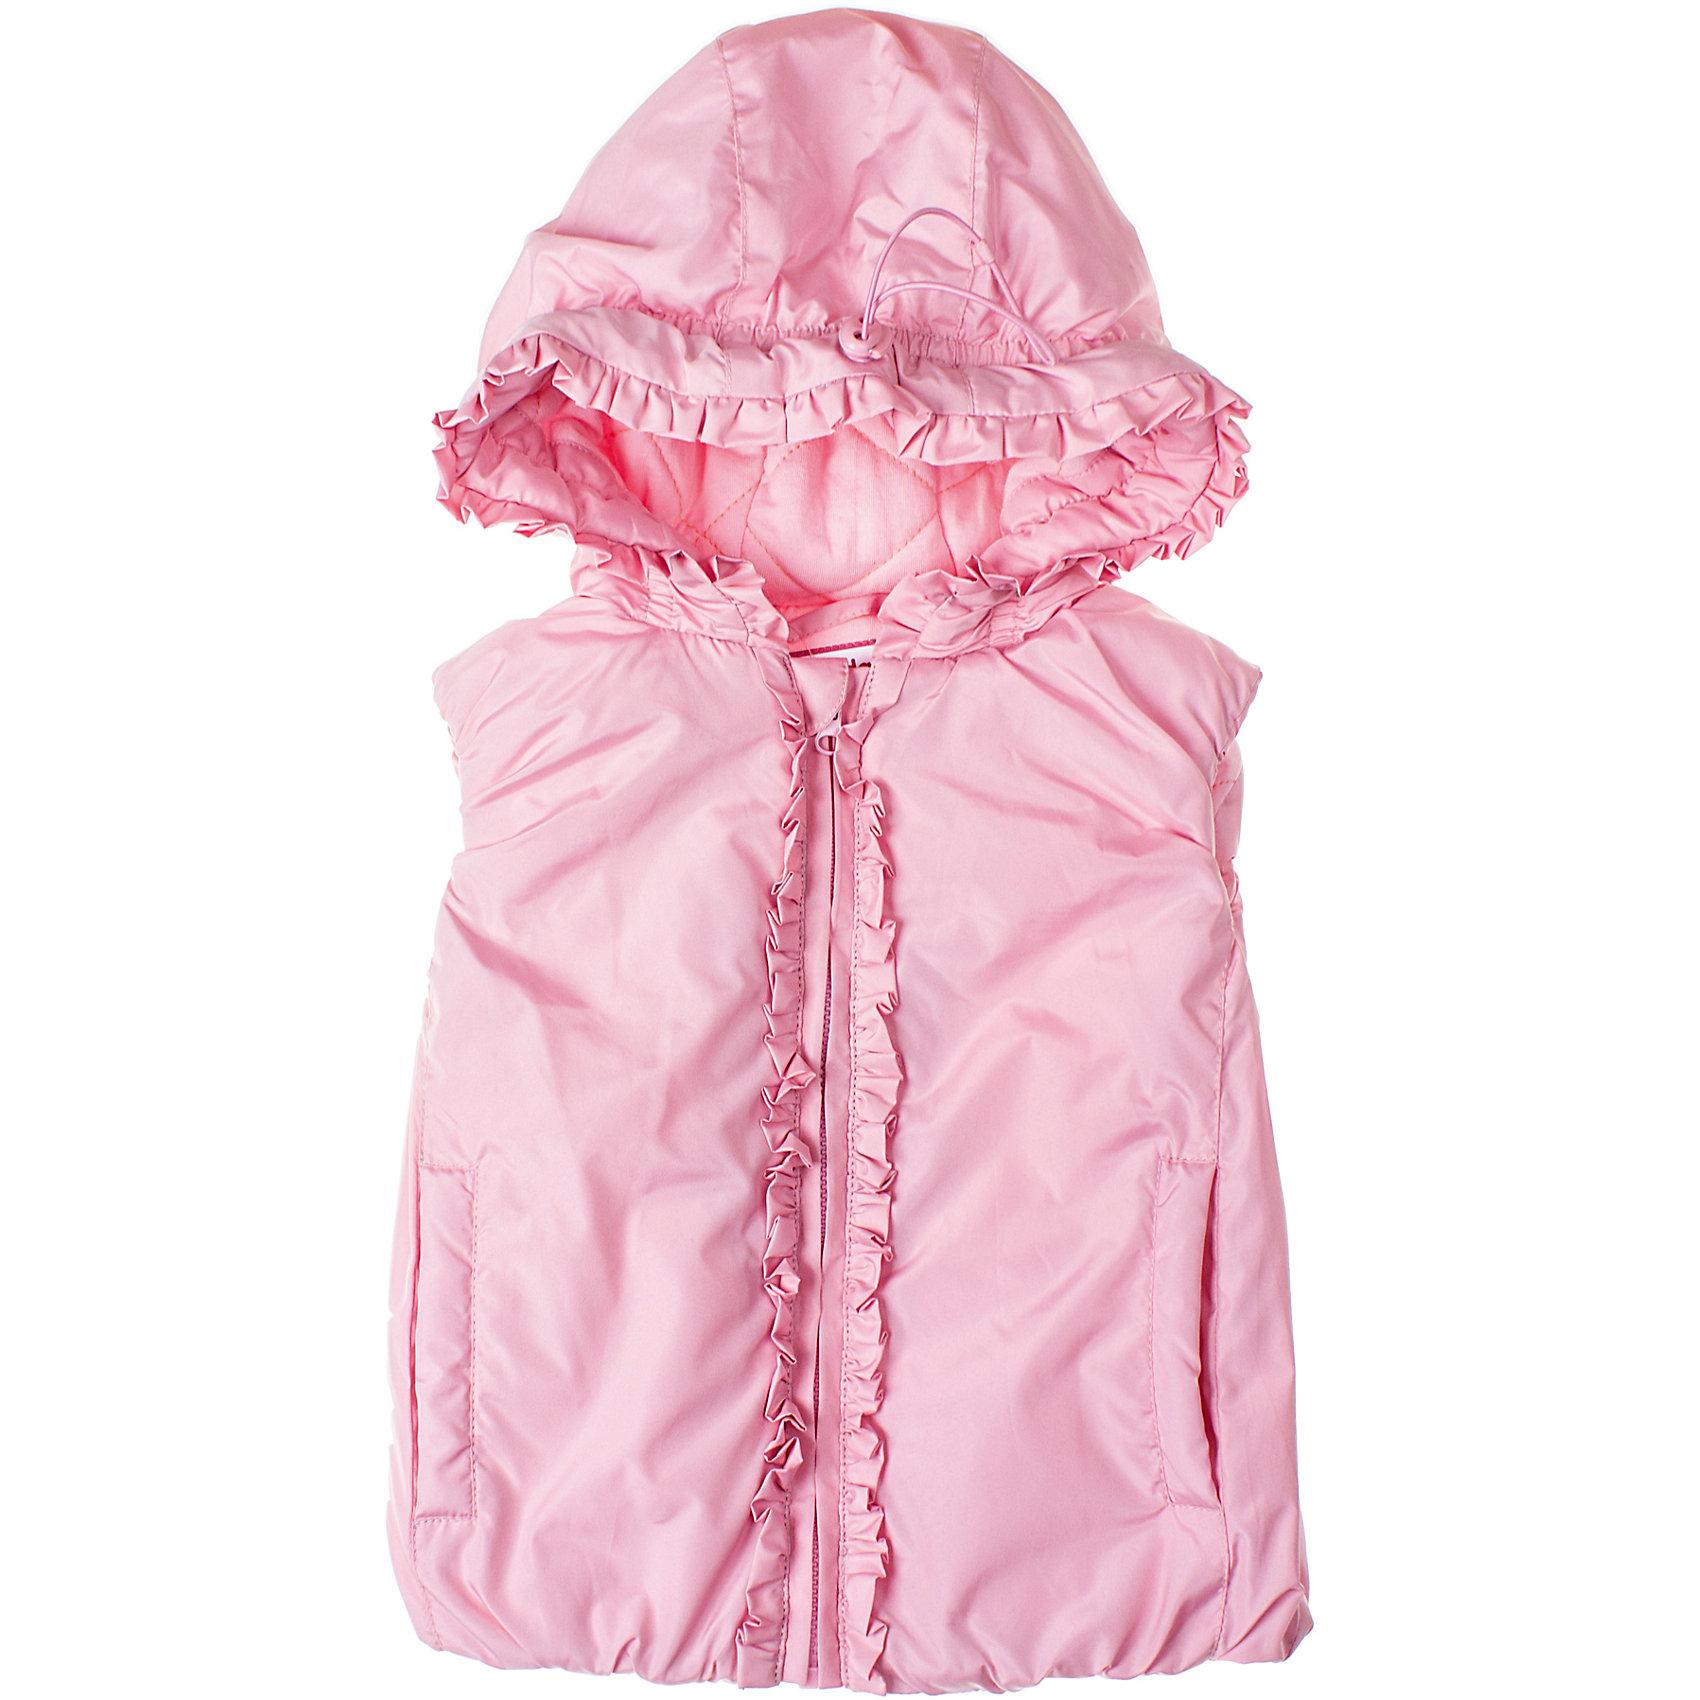 Жилет для девочки PlayTodayЖилет для девочки PlayToday Модная безрукавка на молнии для ранней осени. Есть мягкая трикотажная подкладка, два кармана и капюшон. Рукава, низ и капюшон обрамлены резинкой для большего удобства. Состав: Верх: 100% полиэстер, подкладка: 60% хлопок, 40% полиэстер, наполнитель: 100% полиэстер<br><br>Ширина мм: 356<br>Глубина мм: 10<br>Высота мм: 245<br>Вес г: 519<br>Цвет: розовый<br>Возраст от месяцев: 6<br>Возраст до месяцев: 9<br>Пол: Женский<br>Возраст: Детский<br>Размер: 80,86,74,92<br>SKU: 4229228